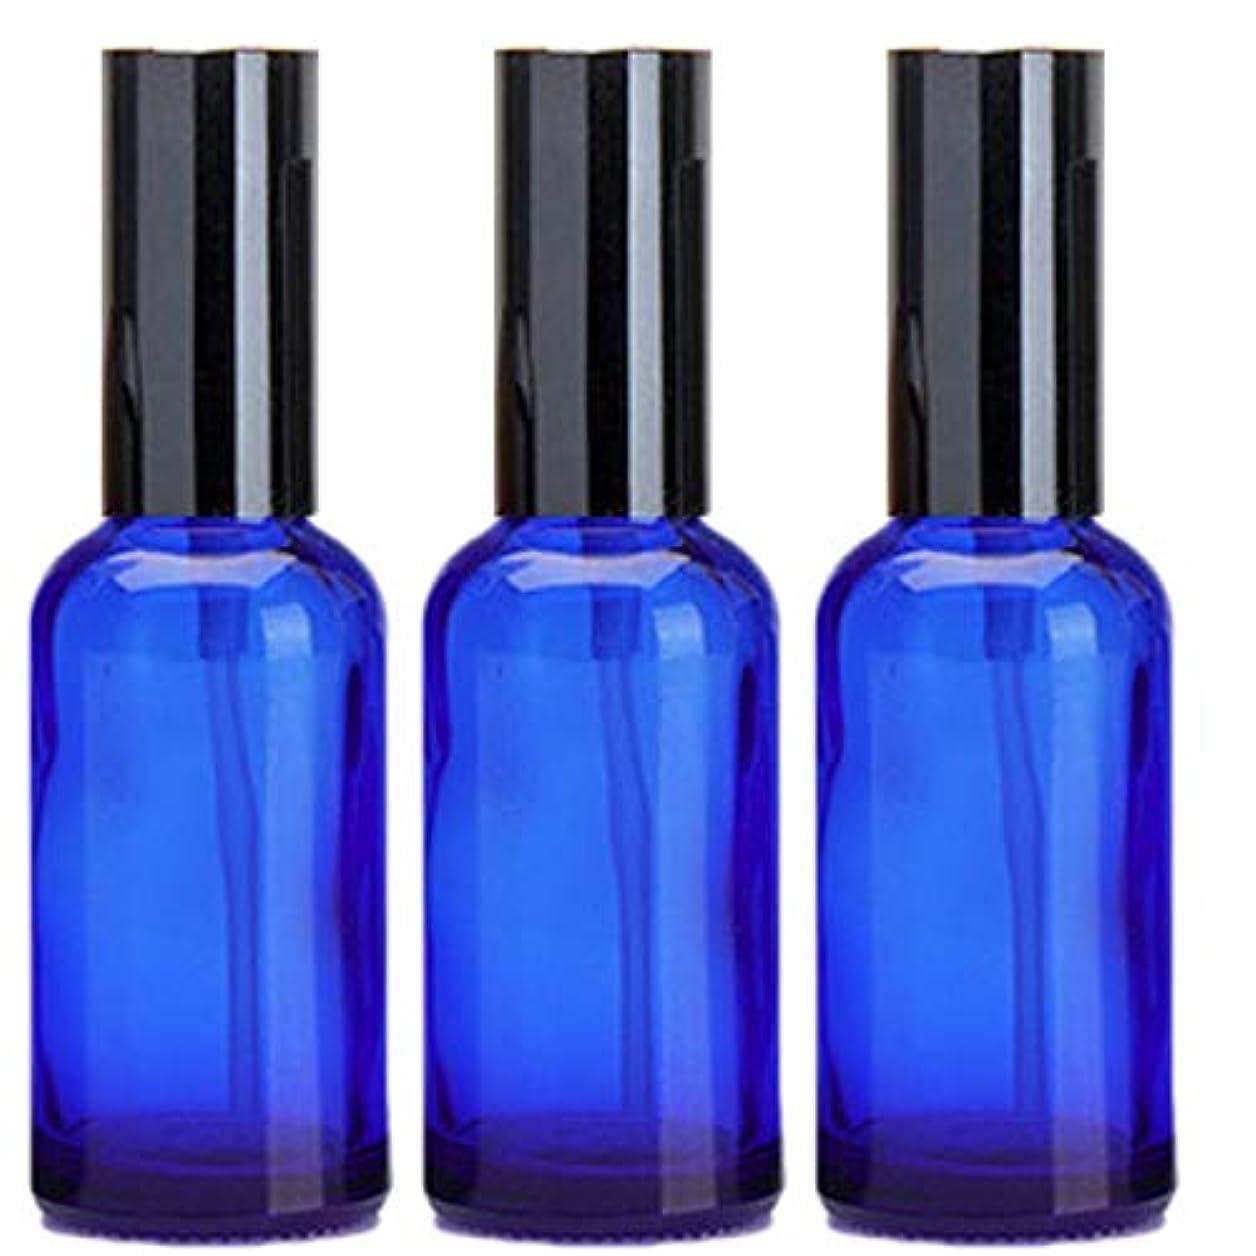 私達持続的アコード乳液 ボトル 3本セット クリーム容器 アロマクリーム ハンドクリーム 遮光瓶 ガラス 瓶 アロマ ボトル ビン 保存 詰替え 青色 ブルー (30m?3本)